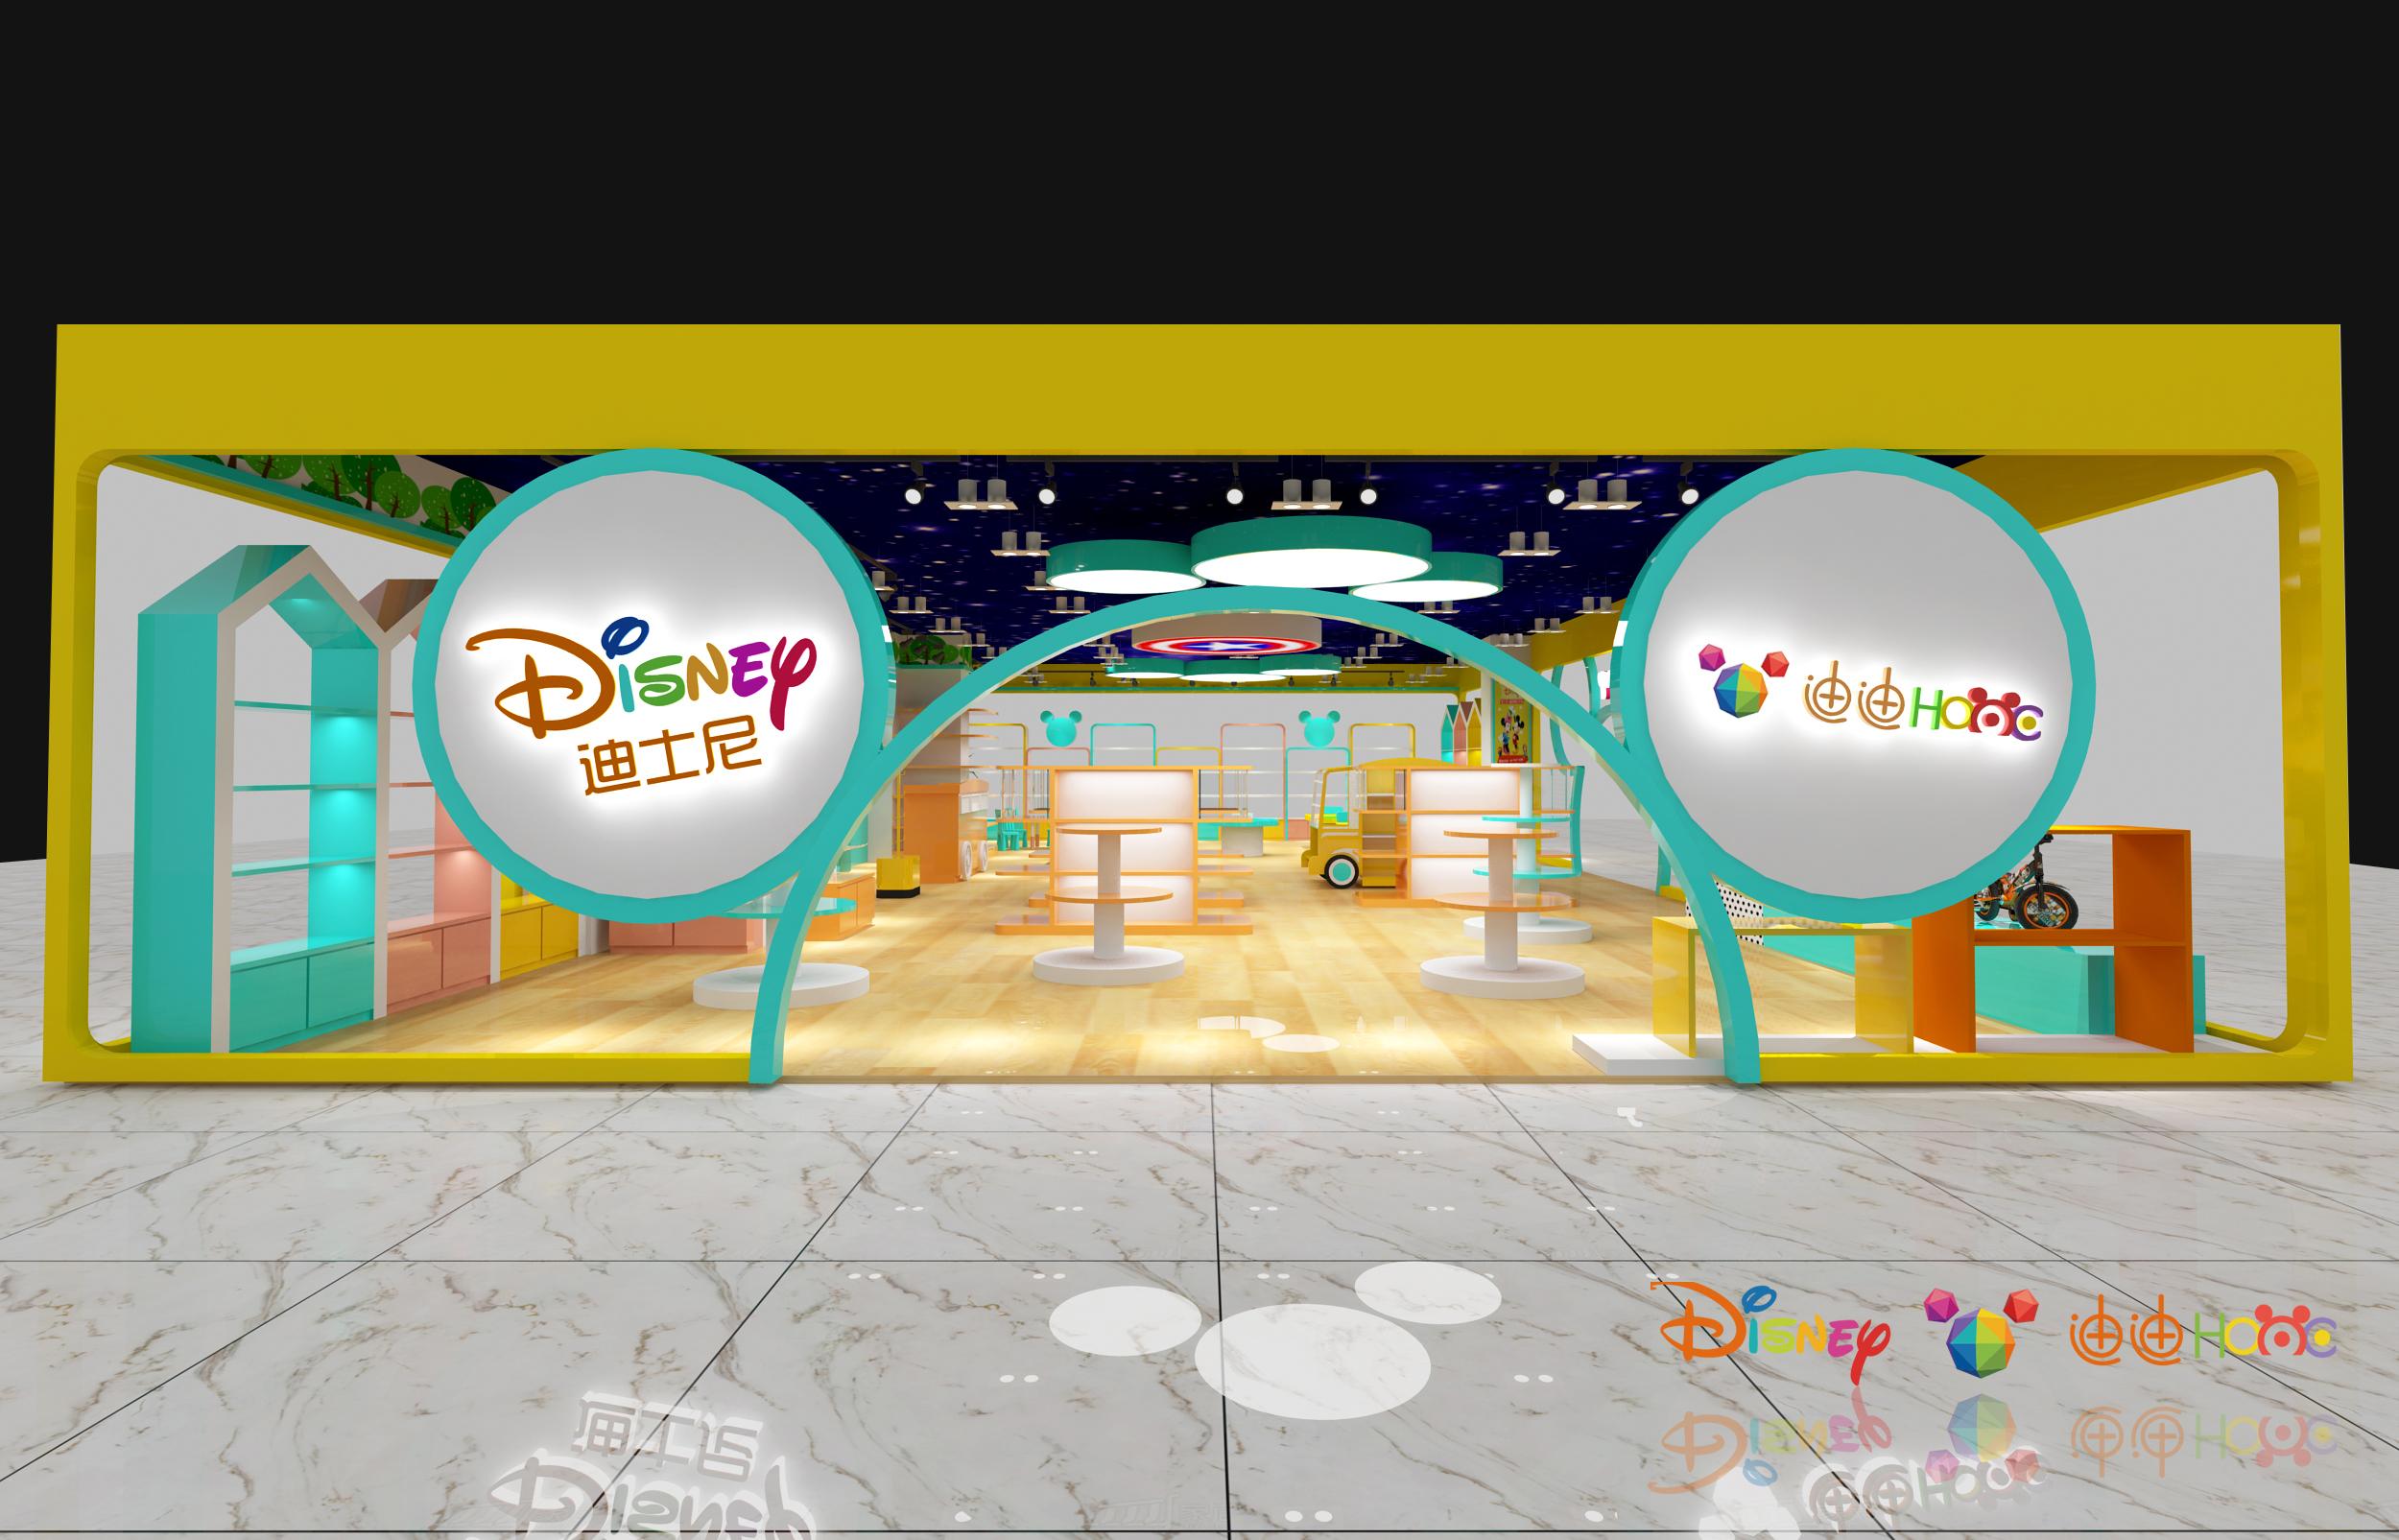 迪士尼儿童创意生活馆入驻开封,即将盛大开业!